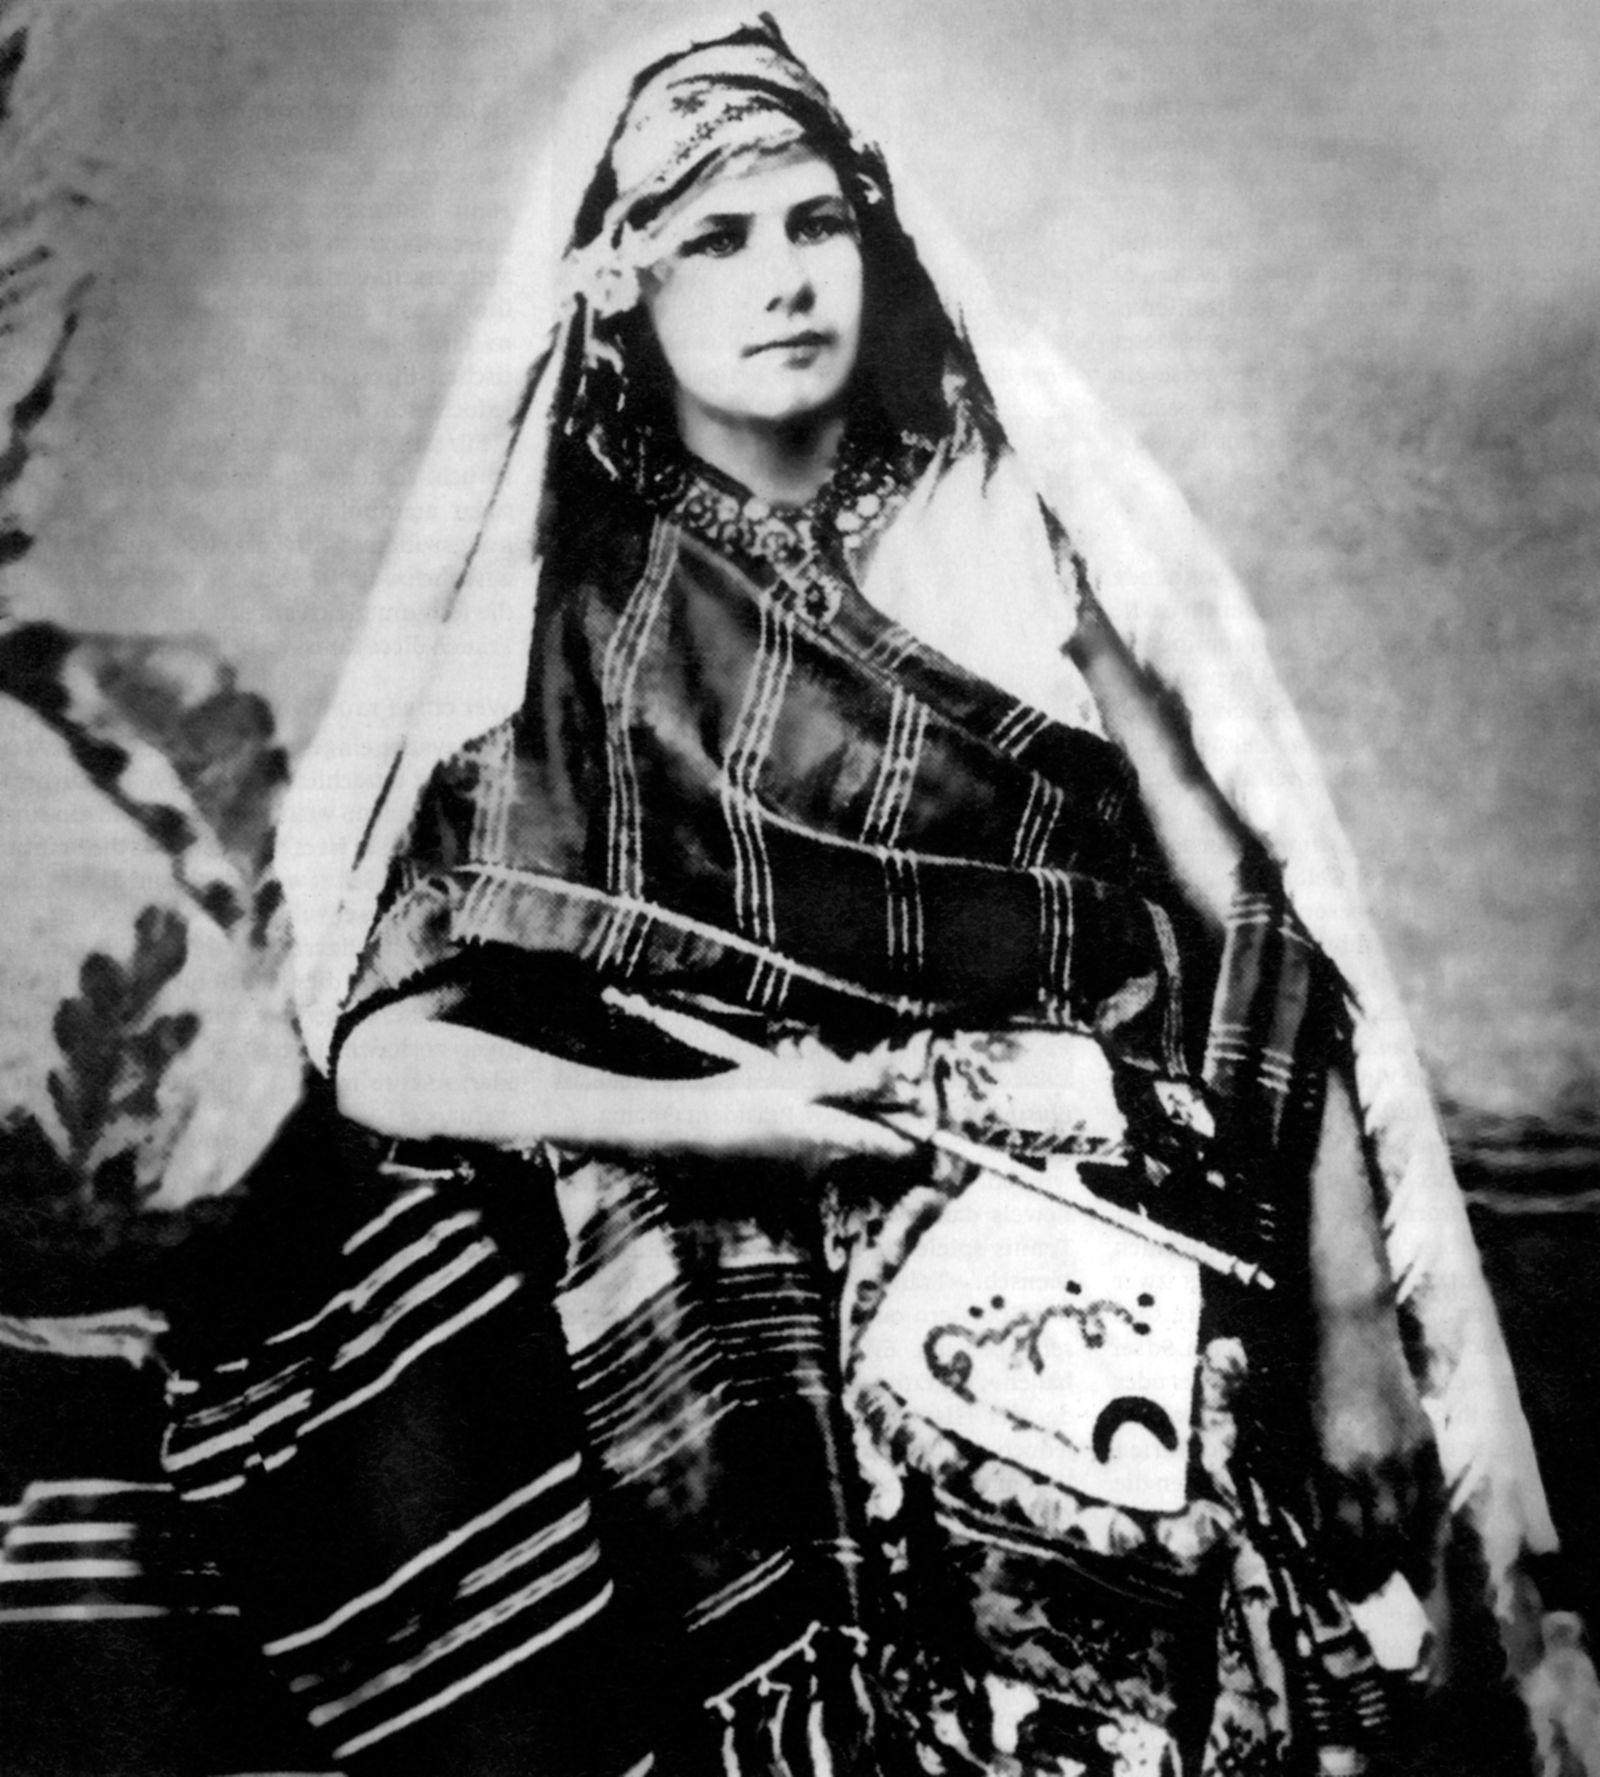 Isabelle Eberhardt, Swiss Cross-Dresser and Writer